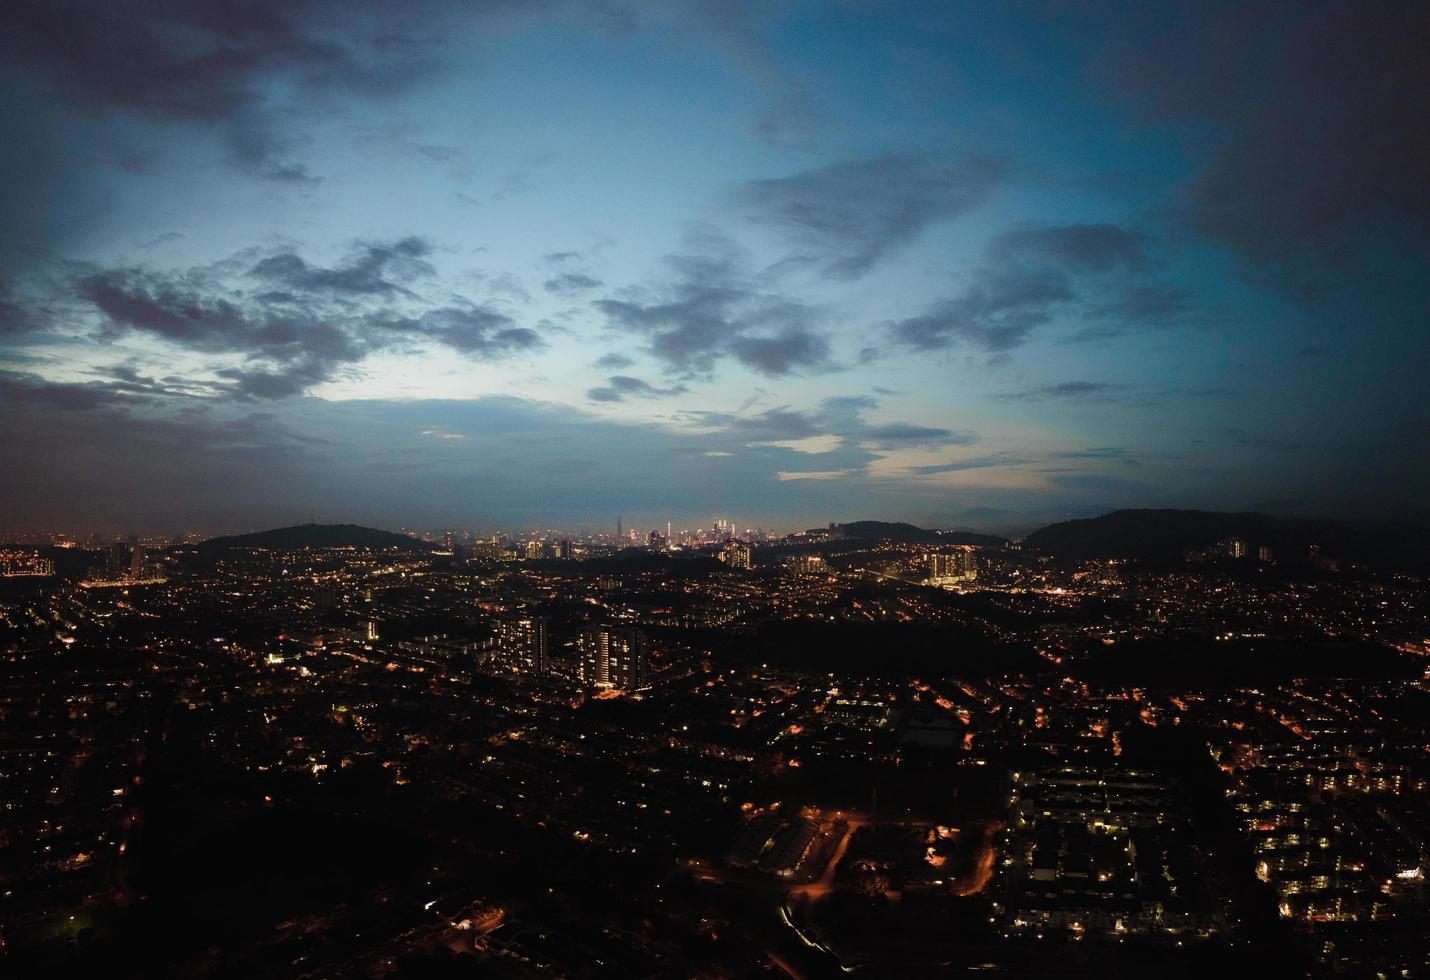 vista della città di notte foto